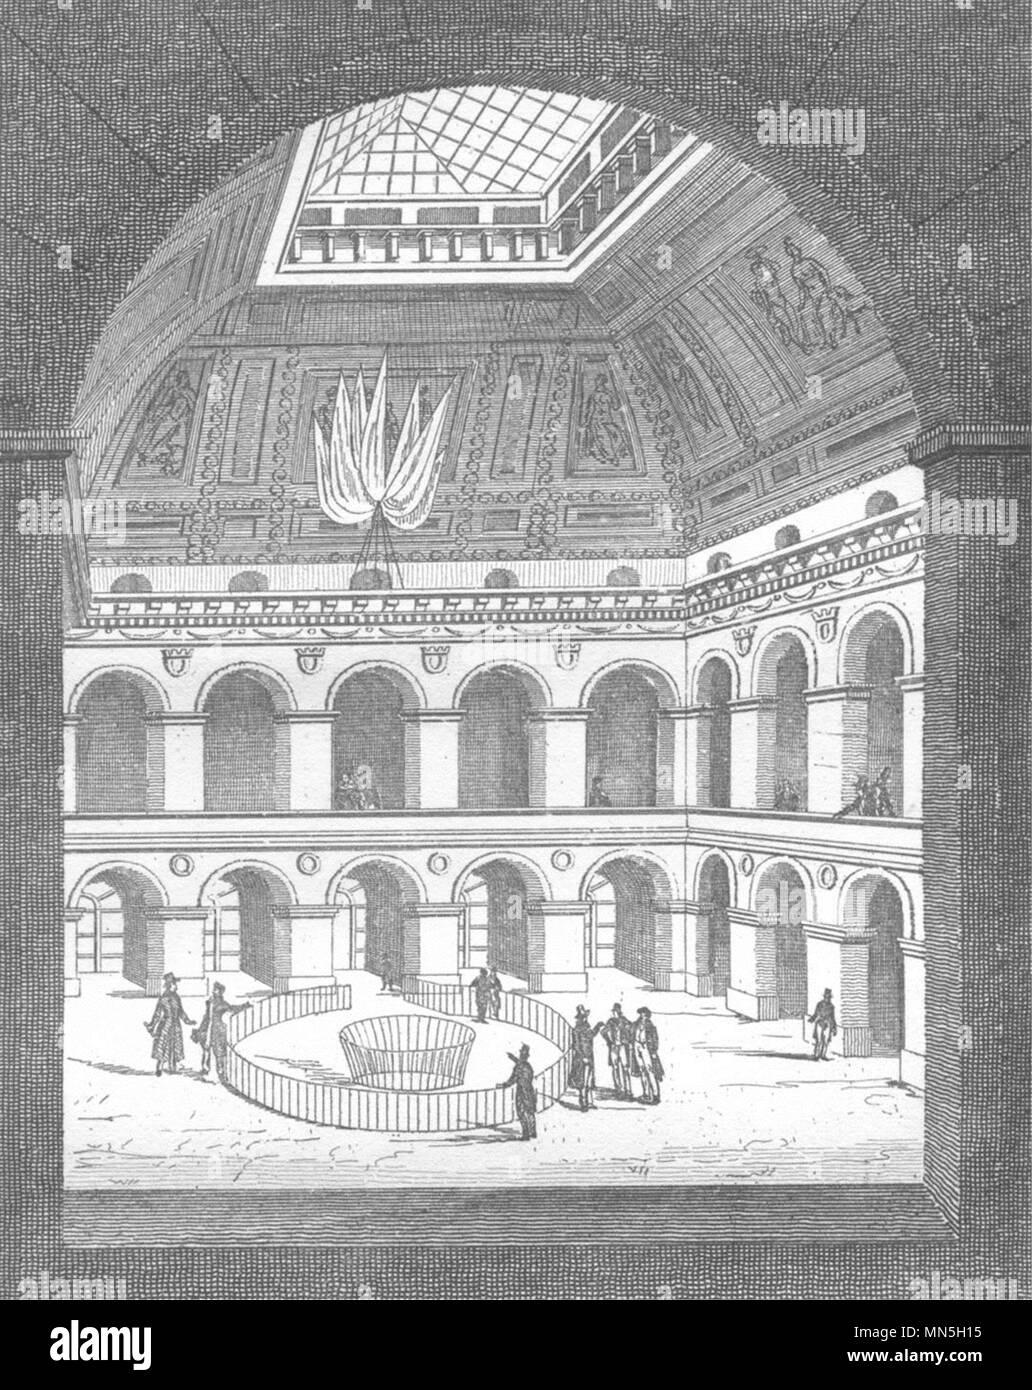 PARIS. Bourse de Paris, Intérieur 1835 alte antike vintage Bild drucken Stockbild